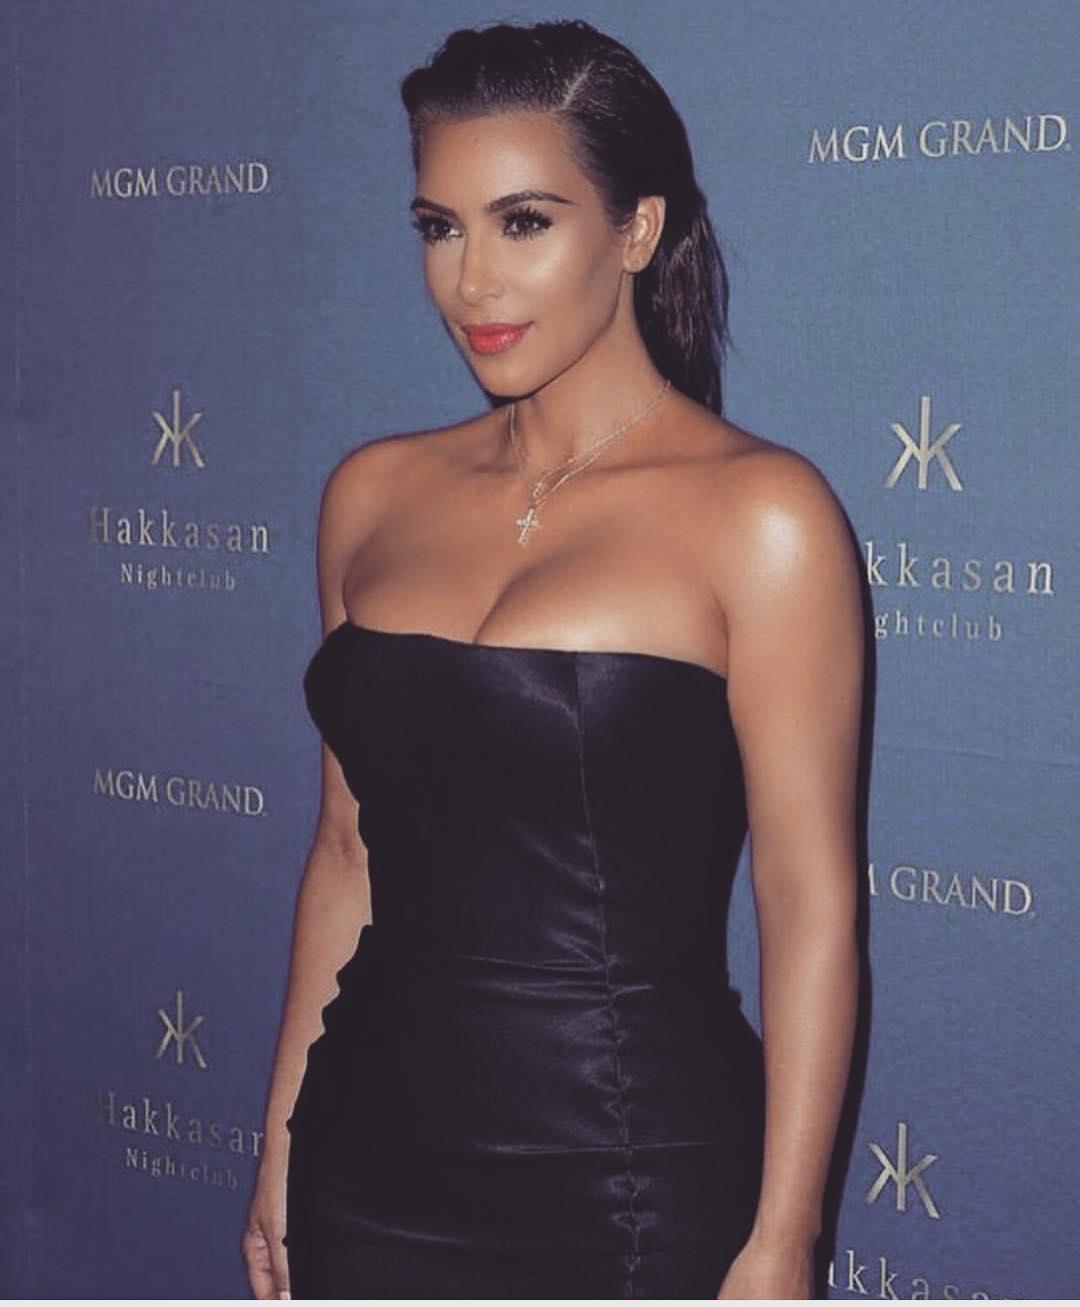 Dünyaca ünlü magazin yıldızı Kim Kardashian katıldığı geceye sexy göğüs dekolteli siyah elbisesi ile damga vurdu. Foto galeriyi görüntülemek için tıklayın.